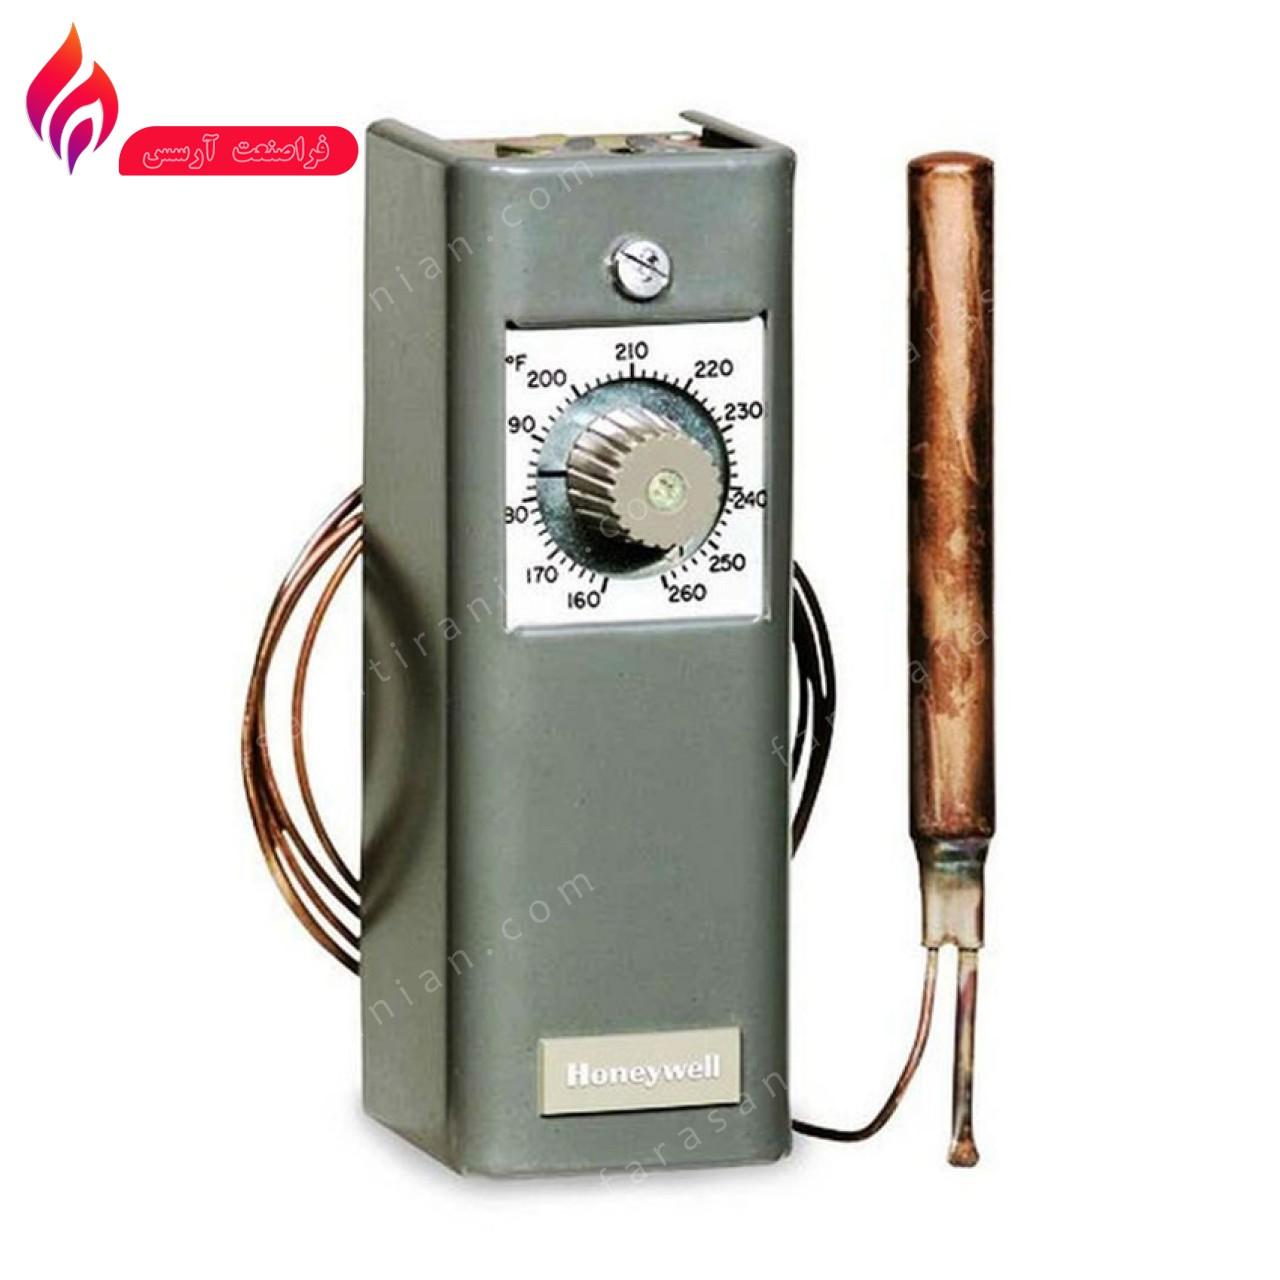 ترموستات کنترل دما هانیول مدل T991